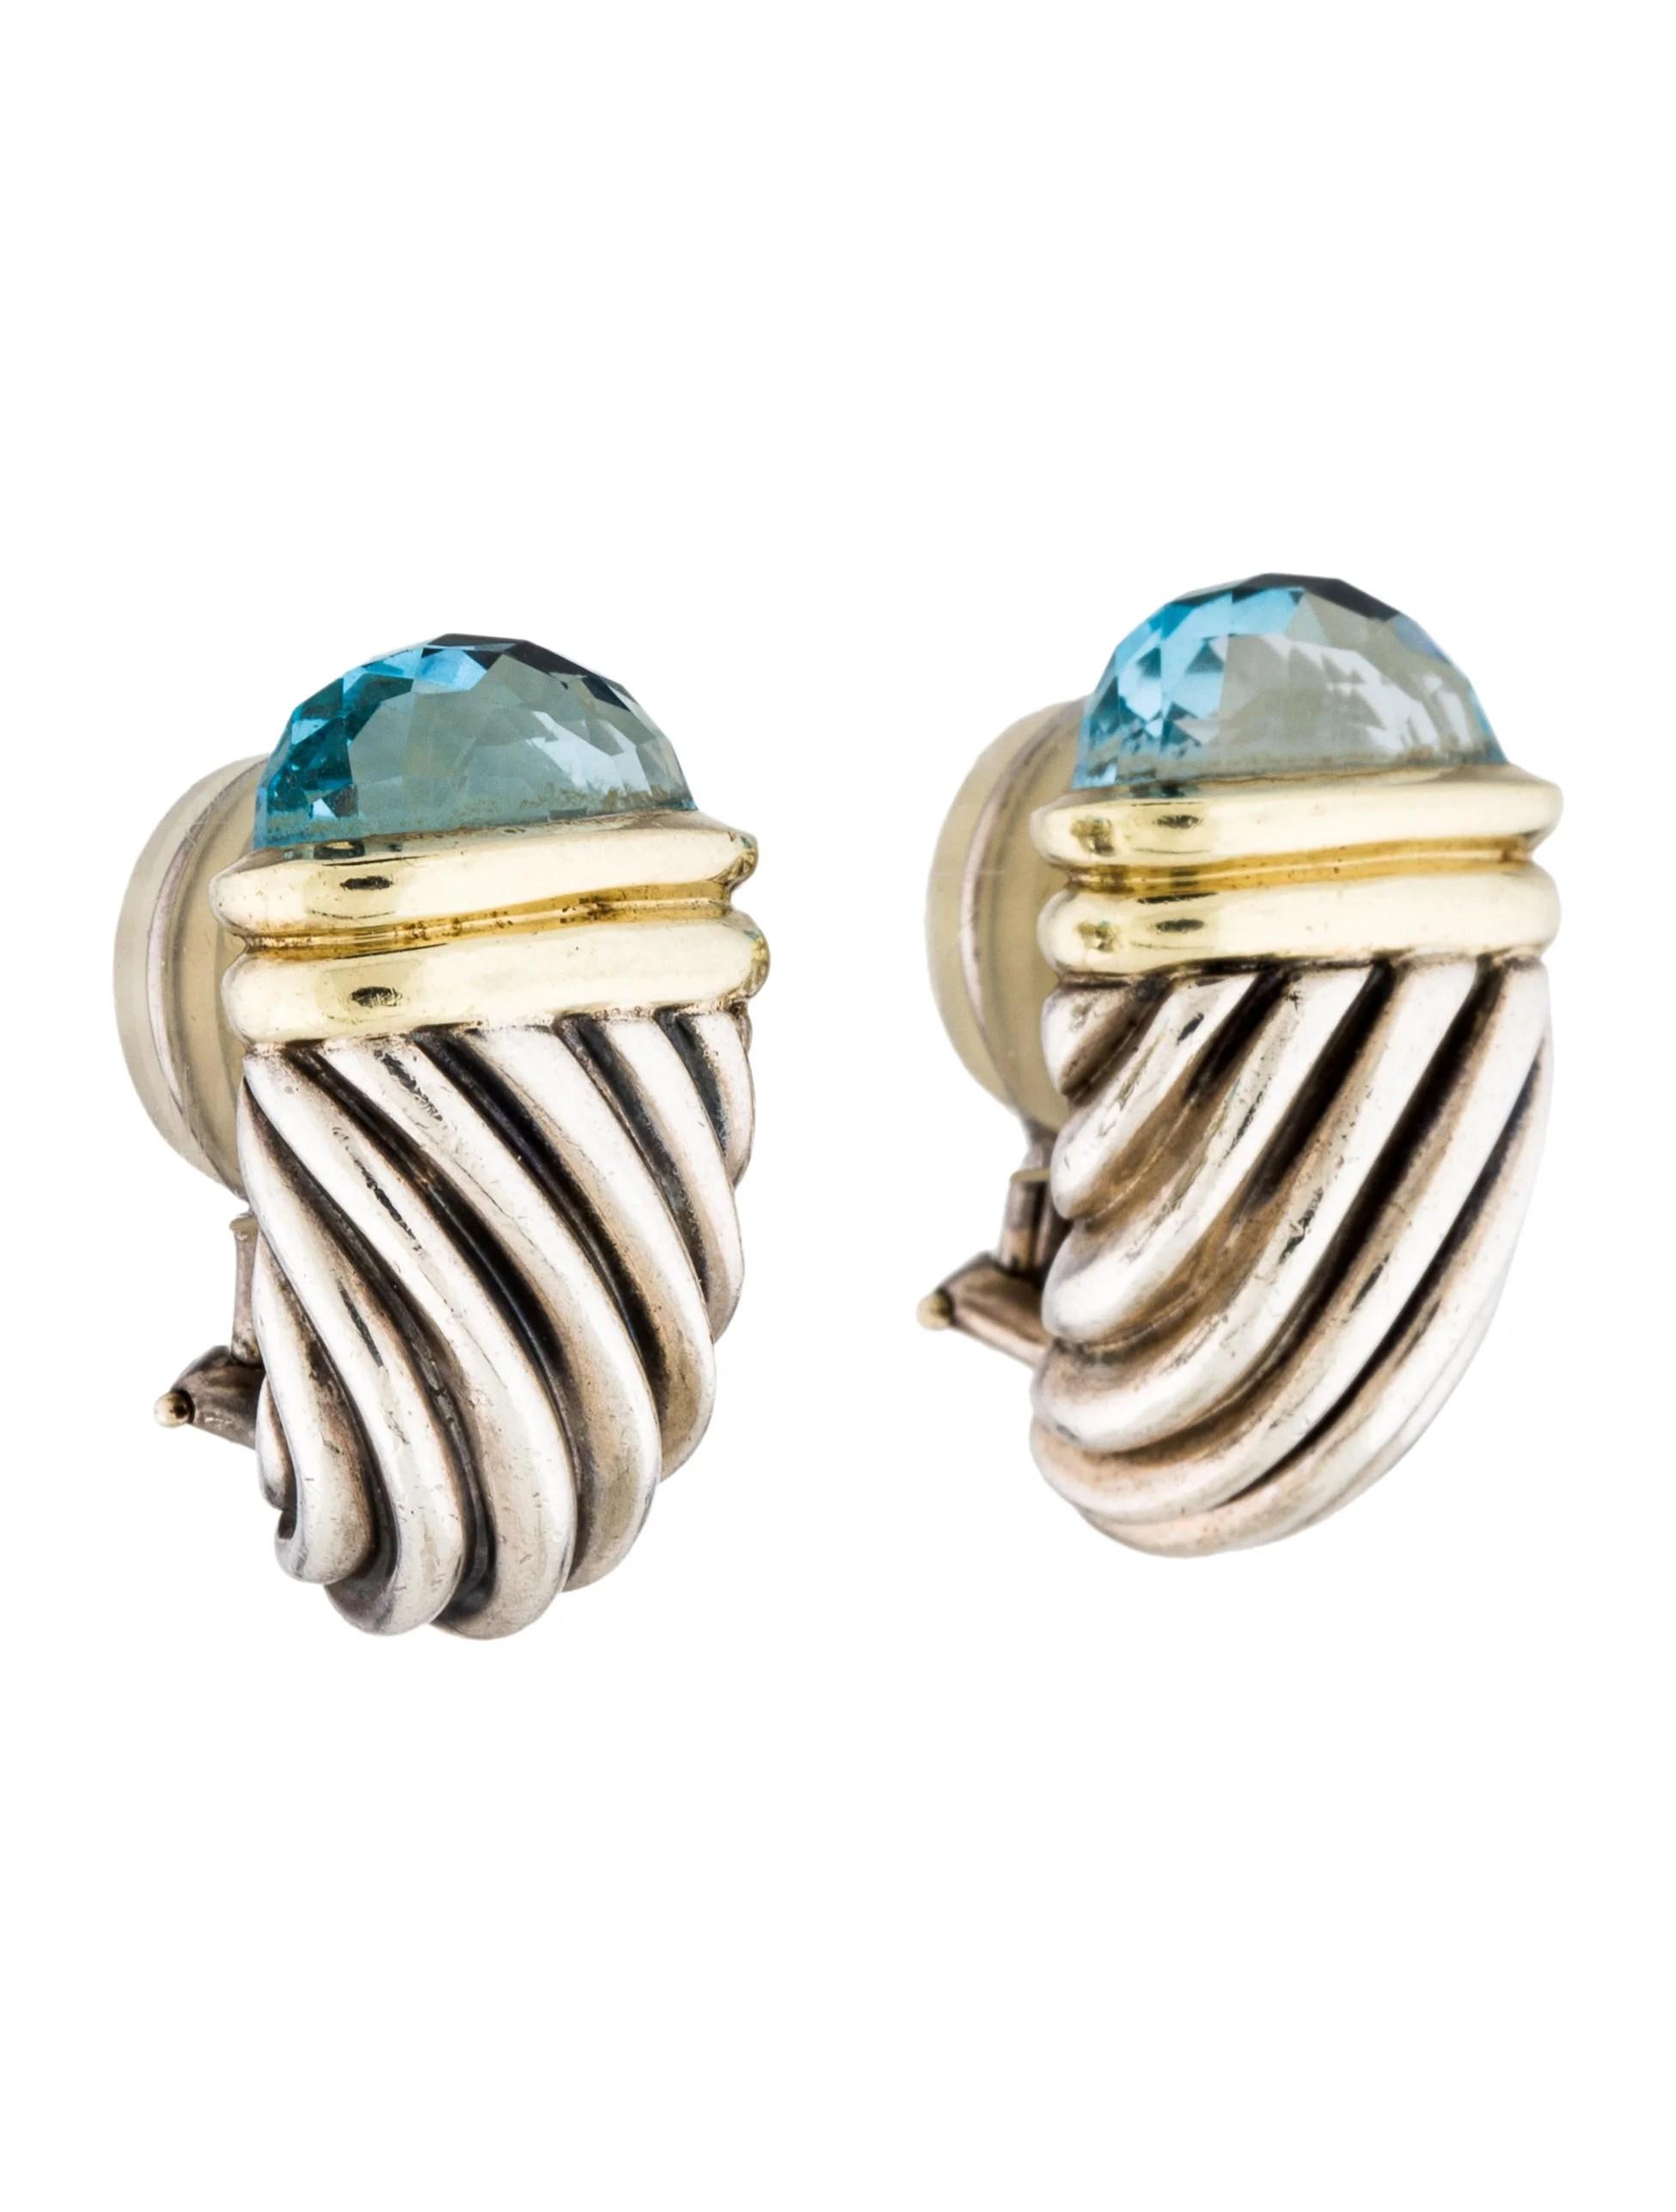 David Yurman Topaz Shrimp Earclip Earrings Earrings